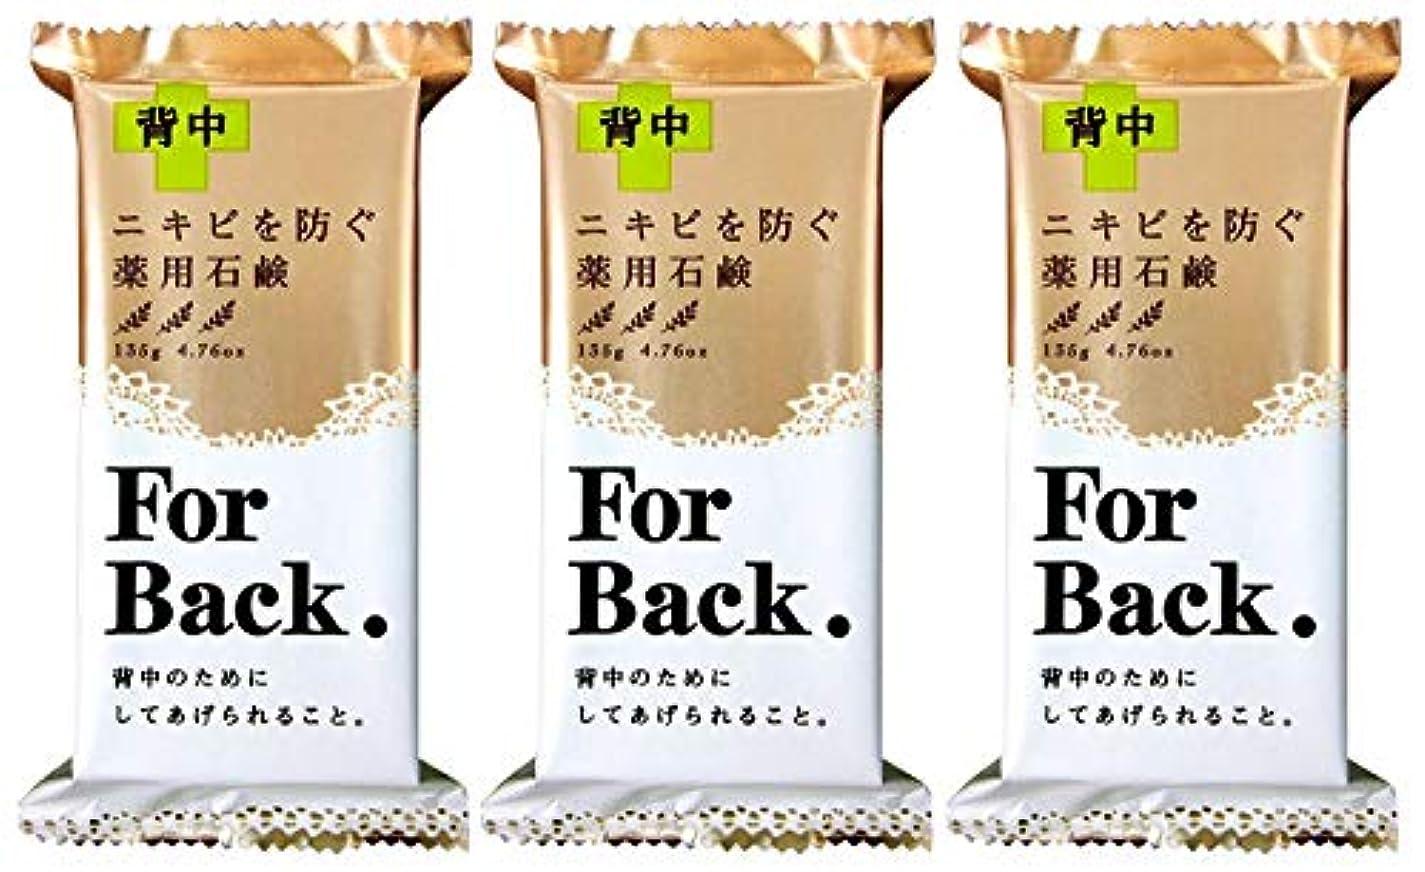 頑丈きらめく食い違い薬用石鹸 ForBack 135g×3個セット